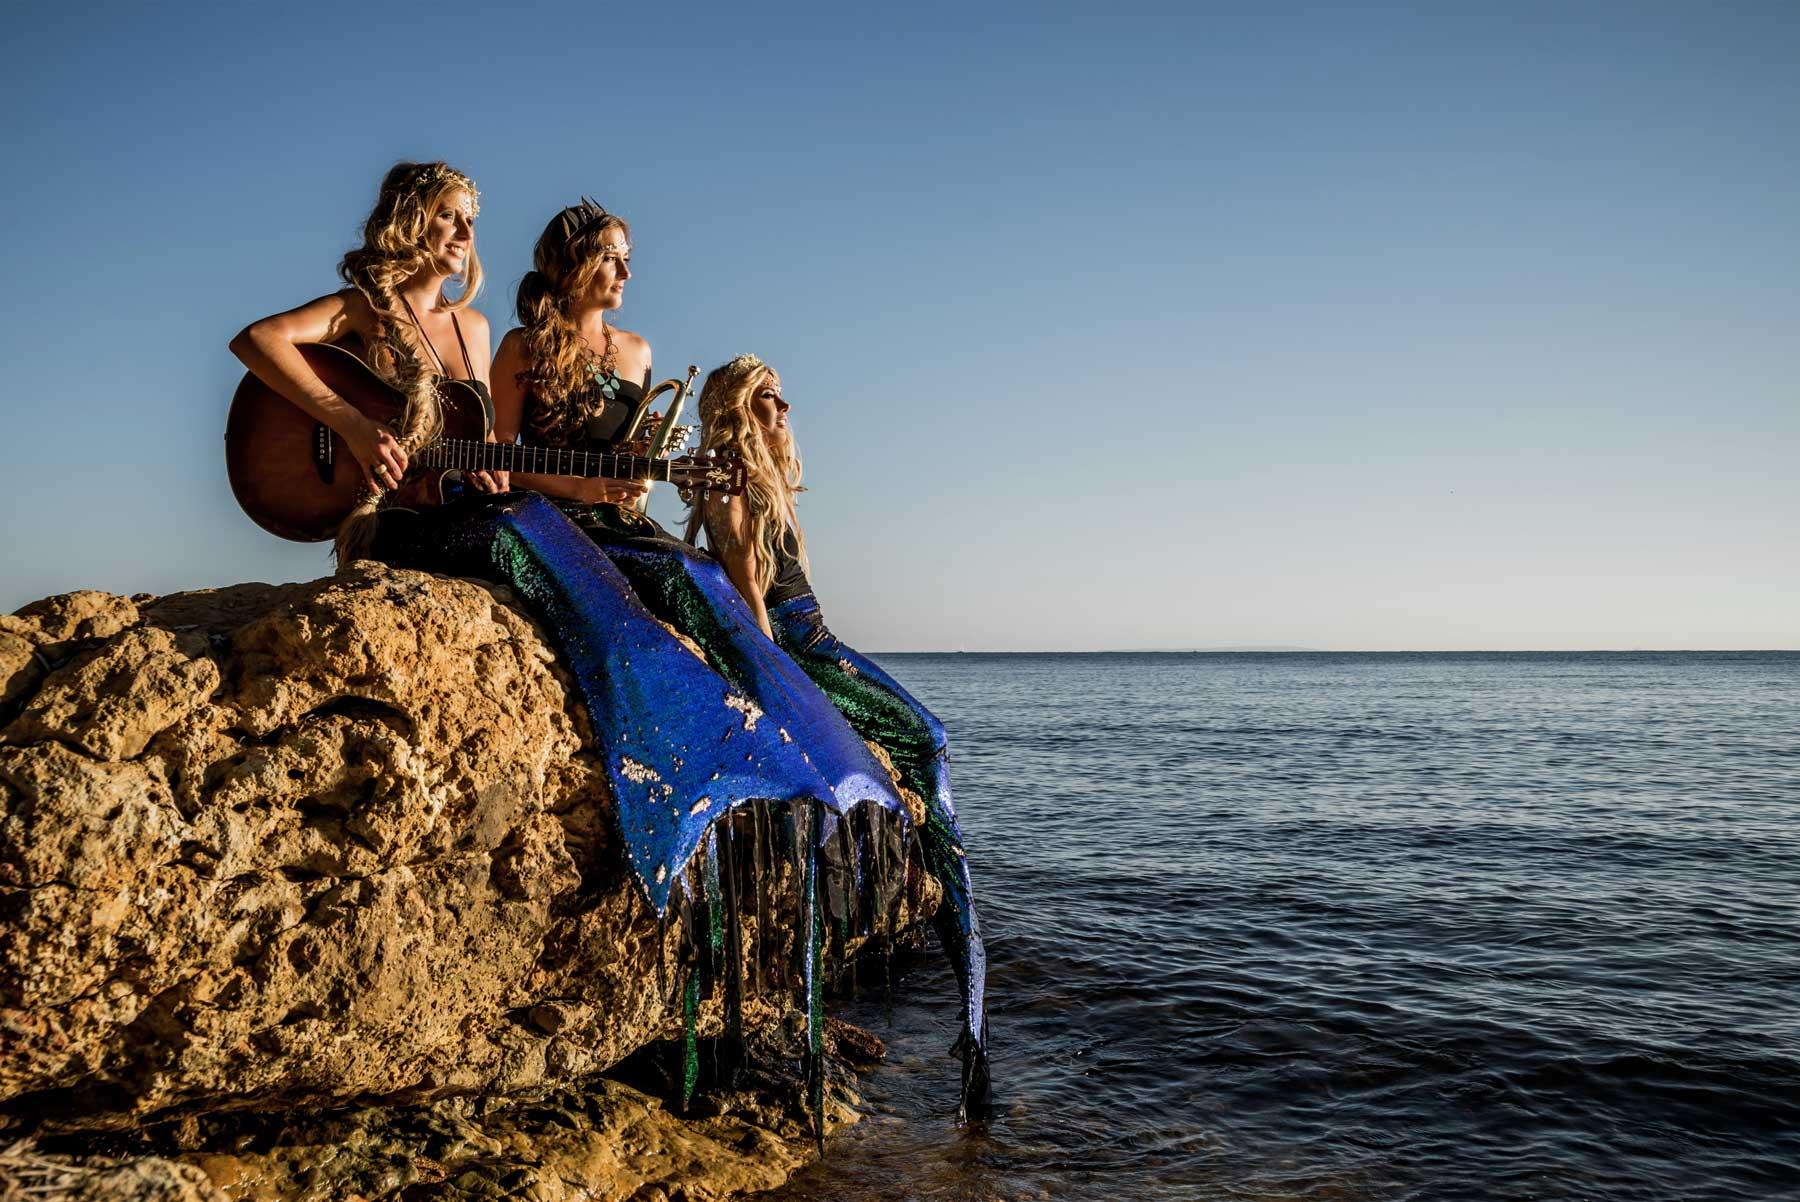 Ibiza Musical Mermaids - Live Music